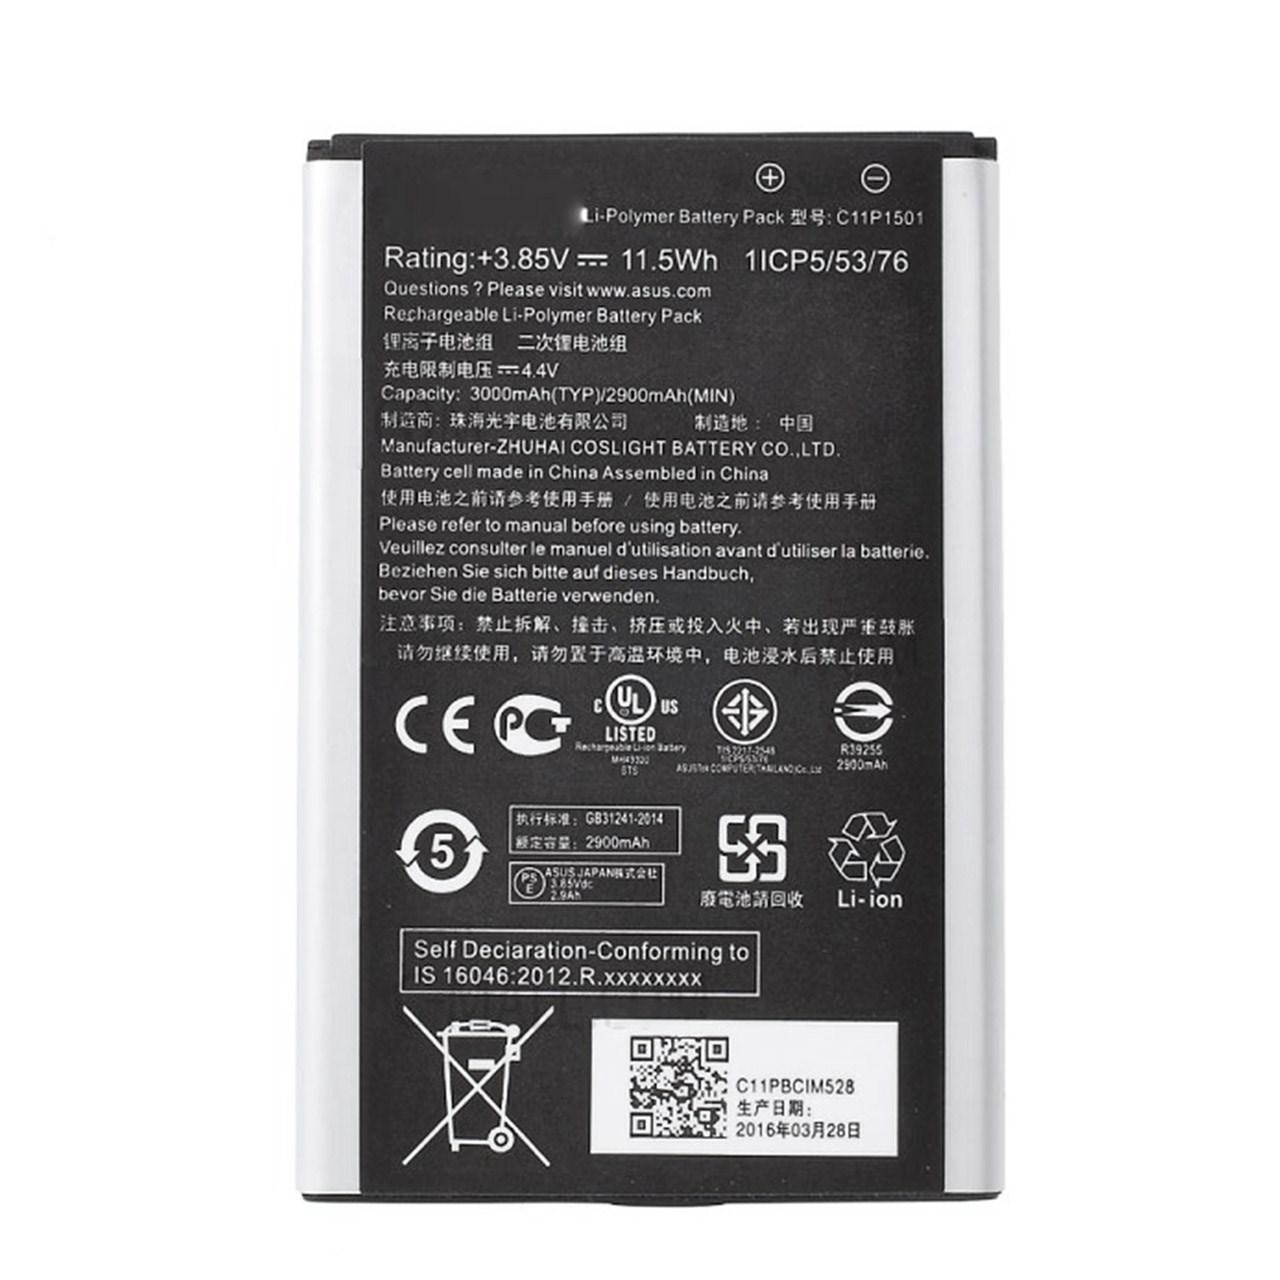 باتری موبایل مدل C11P1501 با ظرفیت 3000mAh مناسب برای گوشی موبایل ایسوس Zenfone 2 Laser